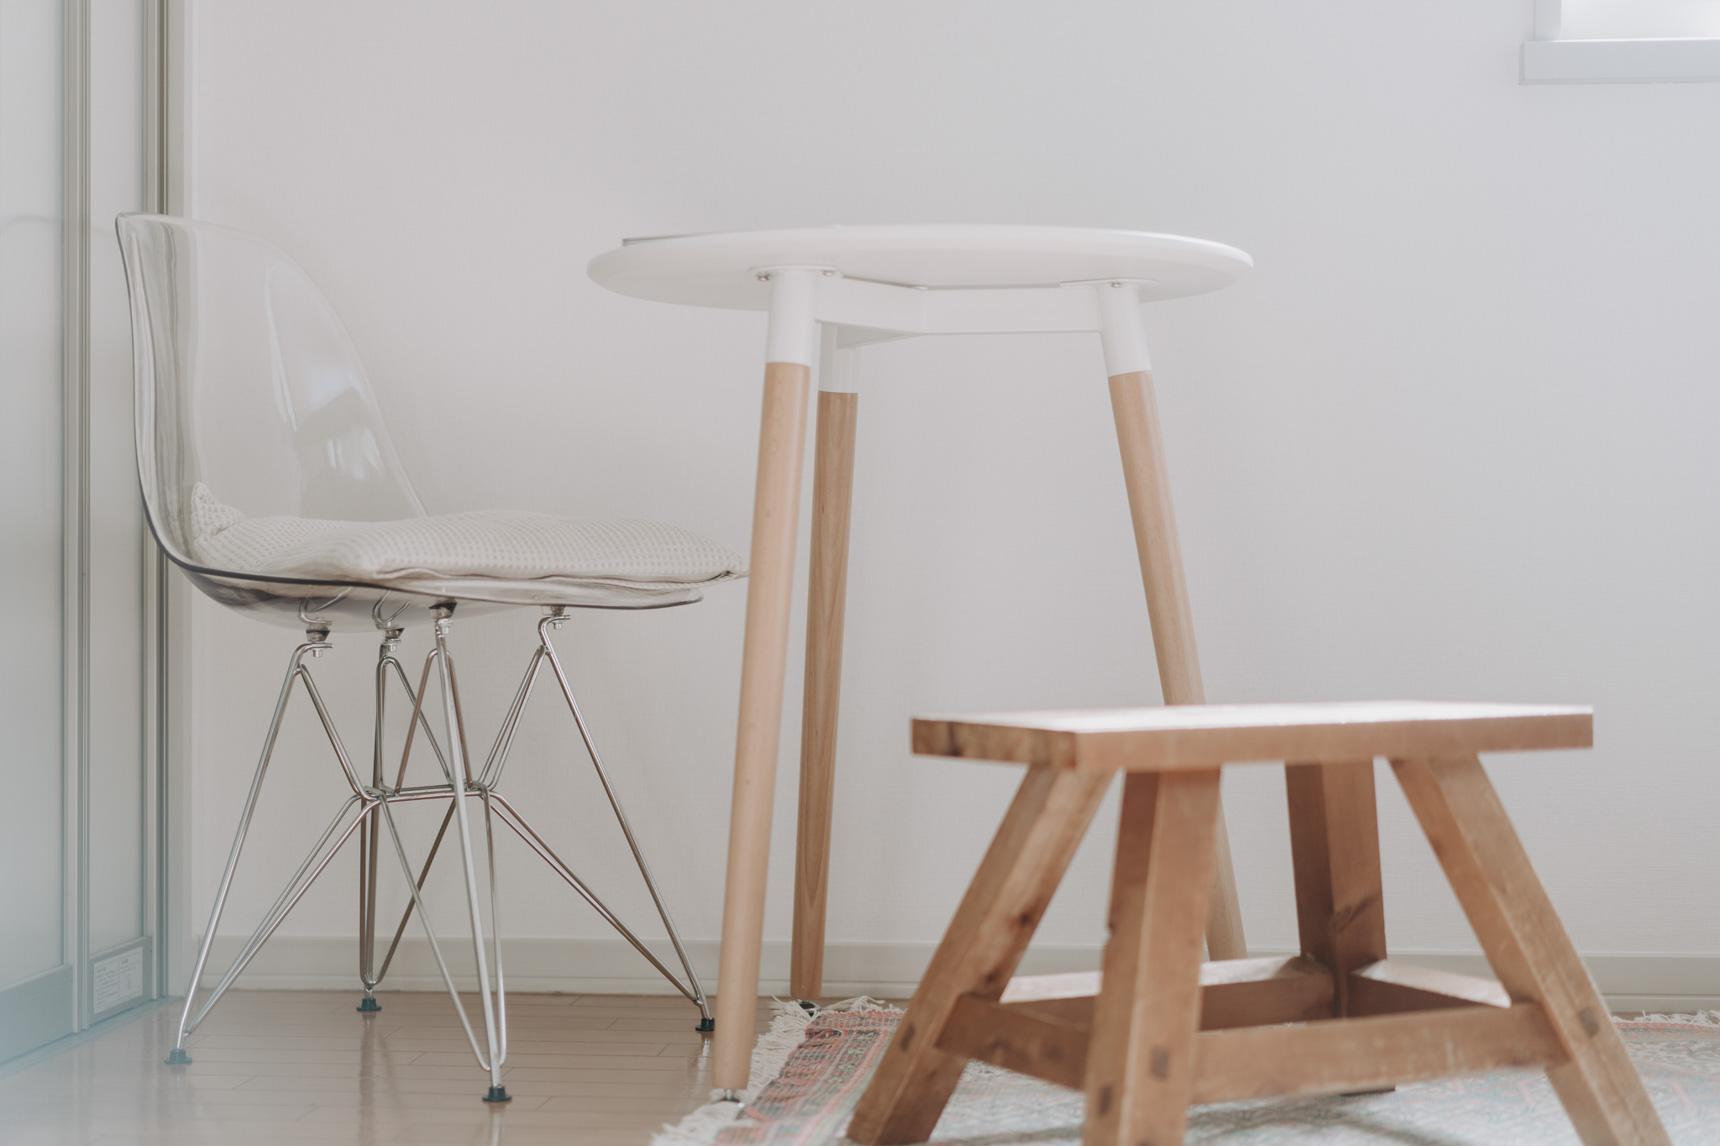 お引越しにあたって買い足したのは、こちらのイームズリプロダクトのチェアとテーブル。一人暮らしにとてもちょうどよいサイズ感が気に入っています。